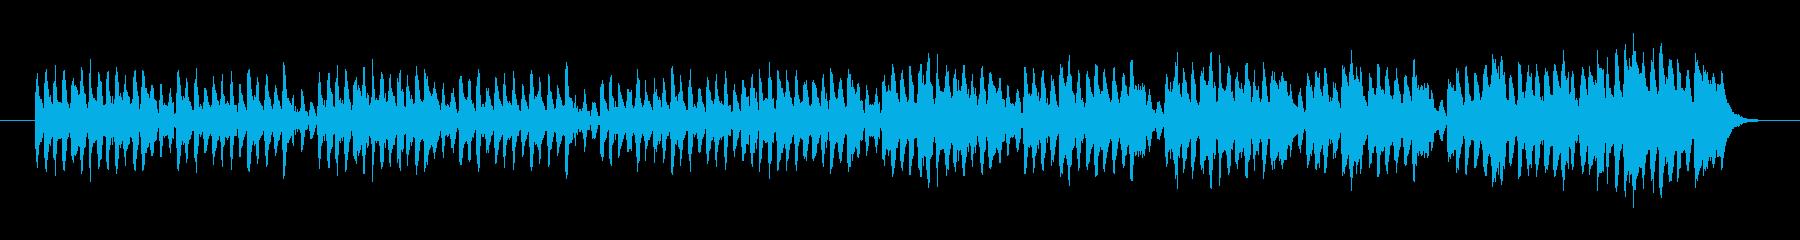 癒される静かなポップスの再生済みの波形